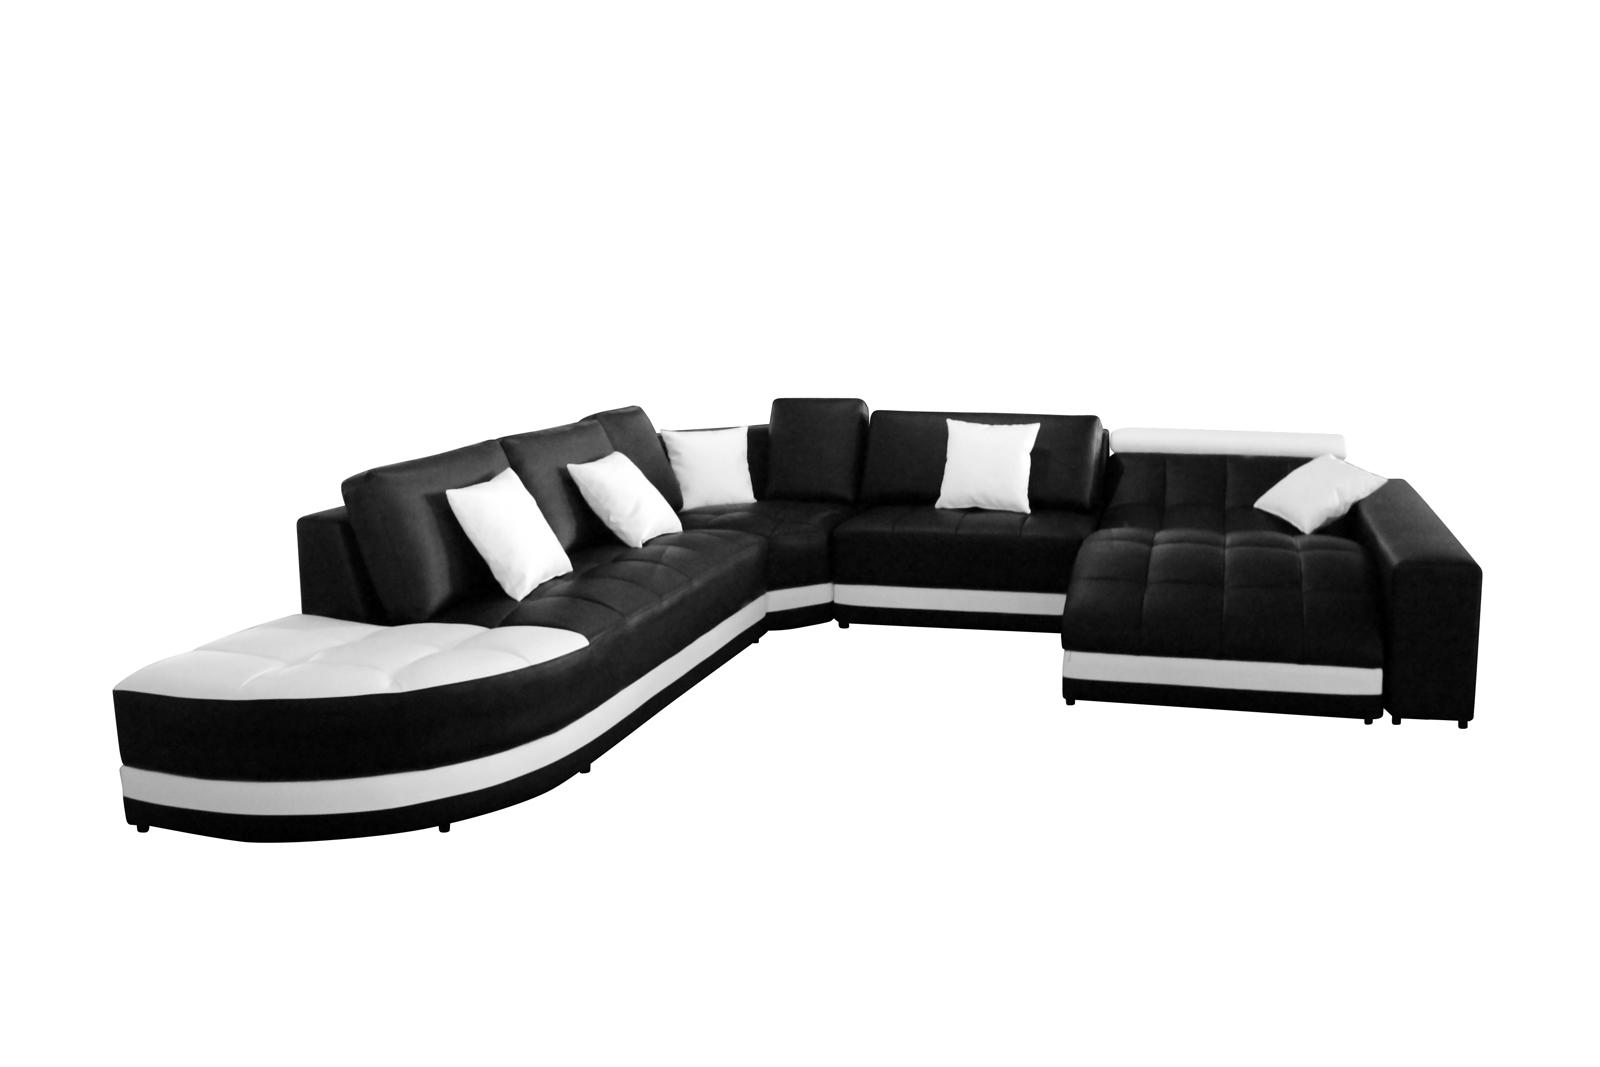 Sam Wohnlandschaft Ecksofa Polstergarnitur Eck Couch 311x311x167cm